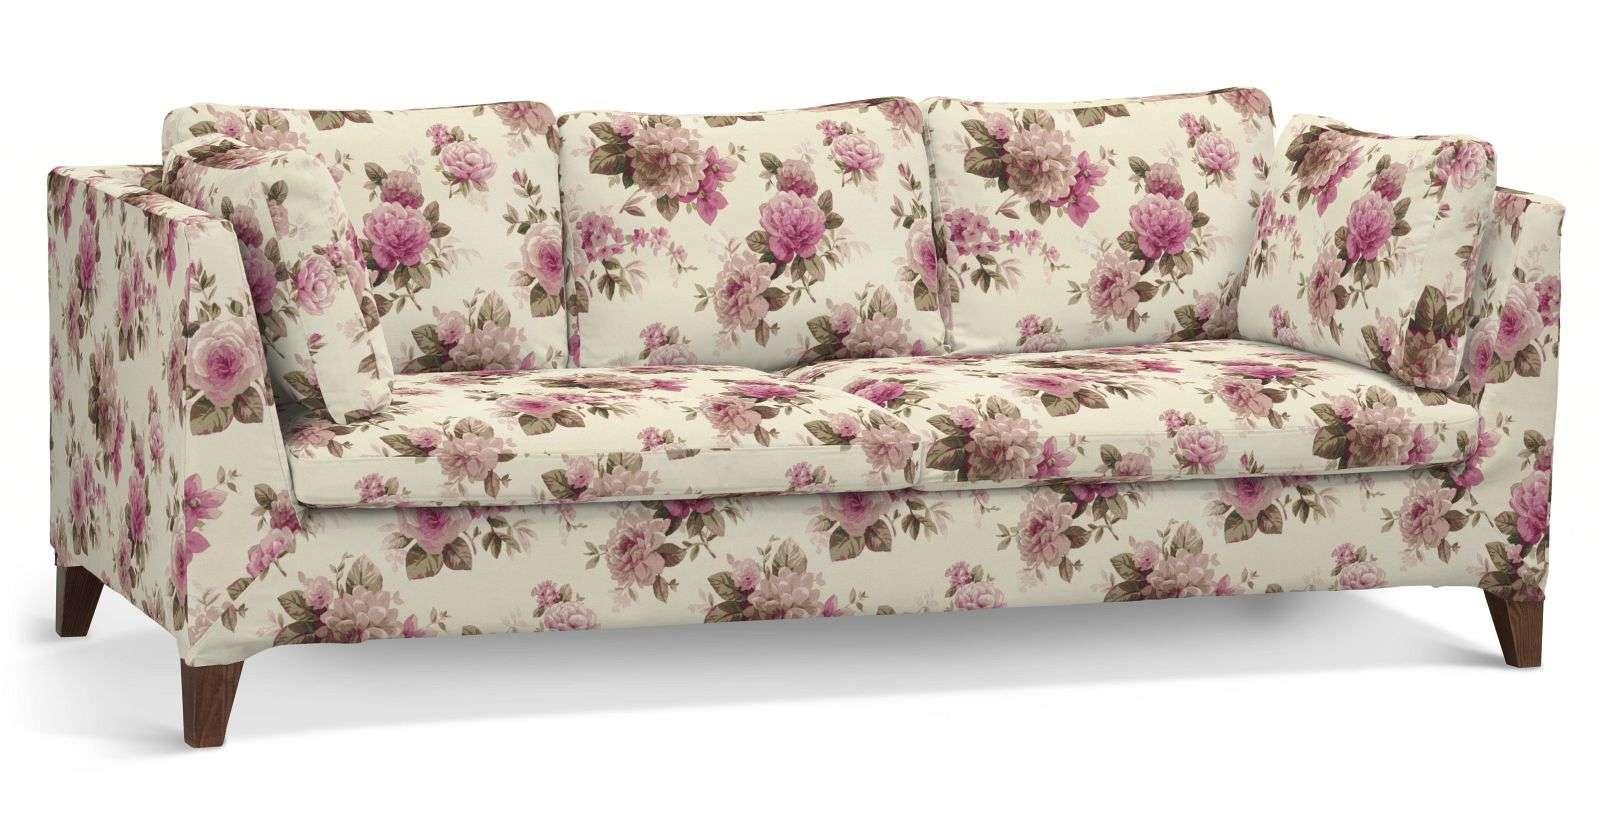 Stockholm 3-Sitzer Sofabezug Stockholm 3-Sitzer von der Kollektion Mirella, Stoff: 141-07